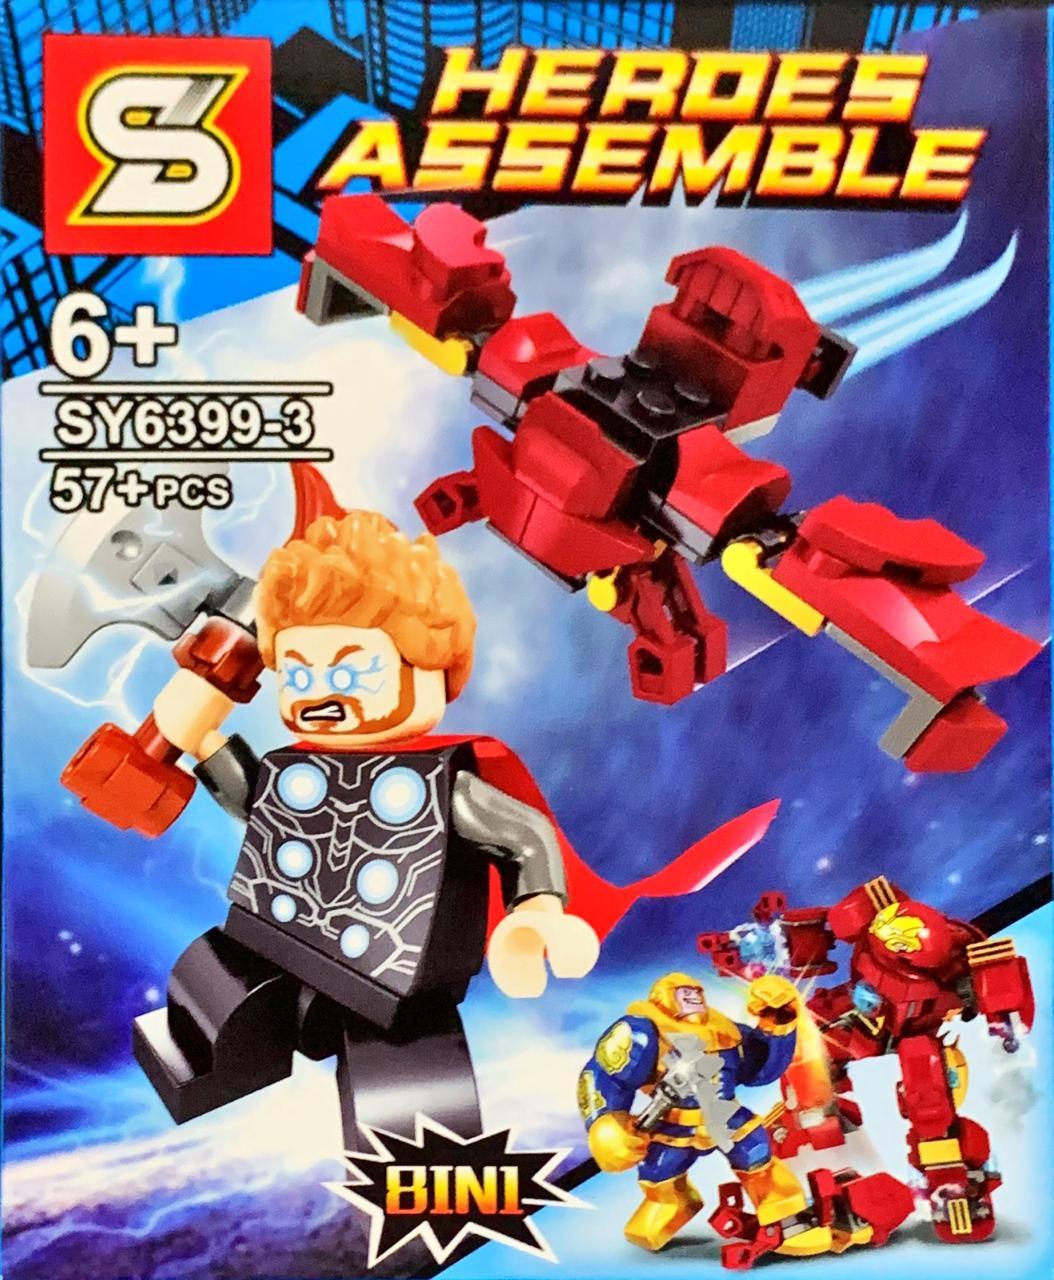 Bloco de Montar Heroes Assemble: Thor (SY6399-3) - (57 Peças)